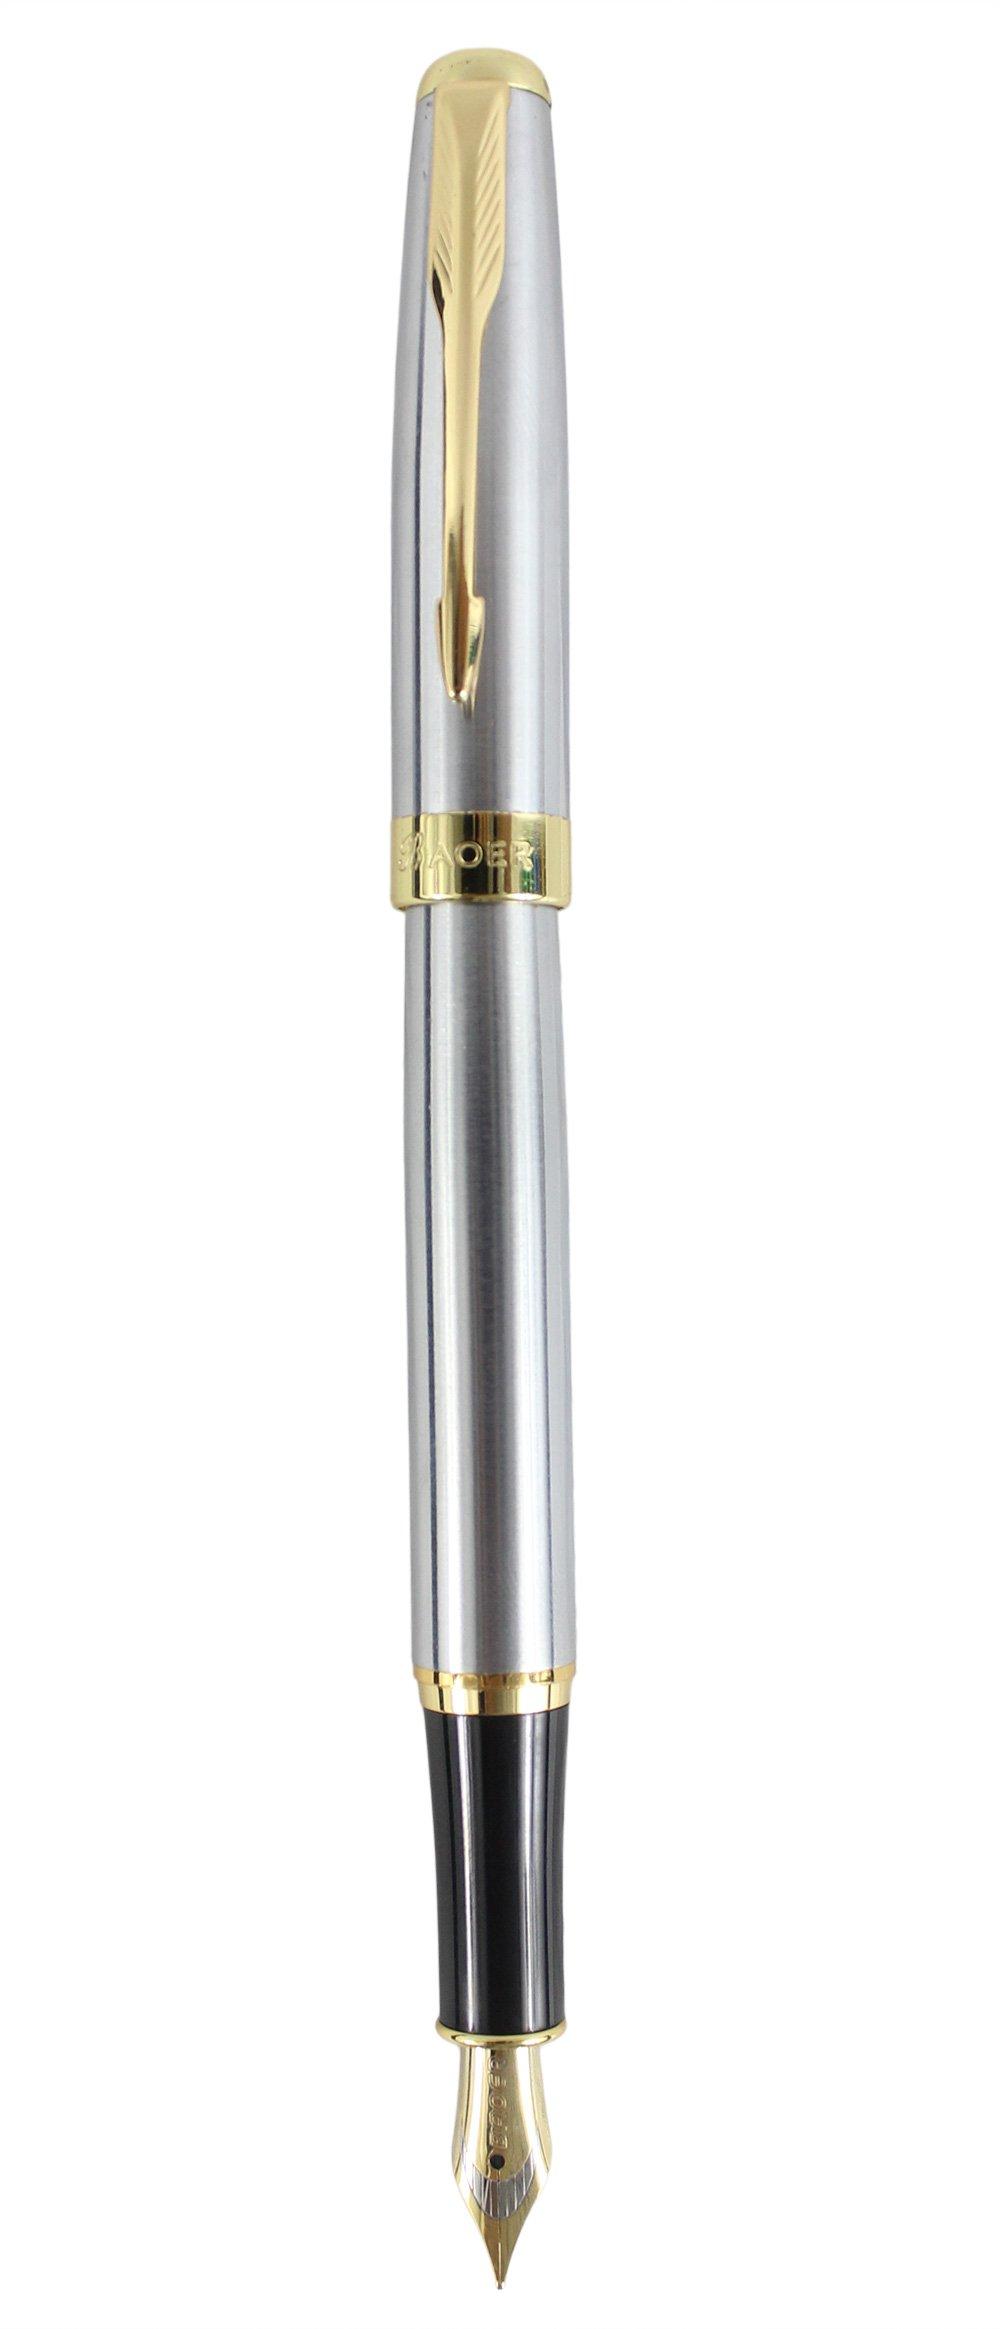 Sipliv oro clásico de ajuste medio plumín de la pluma estilográfica - caja de regalo, astilla: Amazon.es: Oficina y papelería